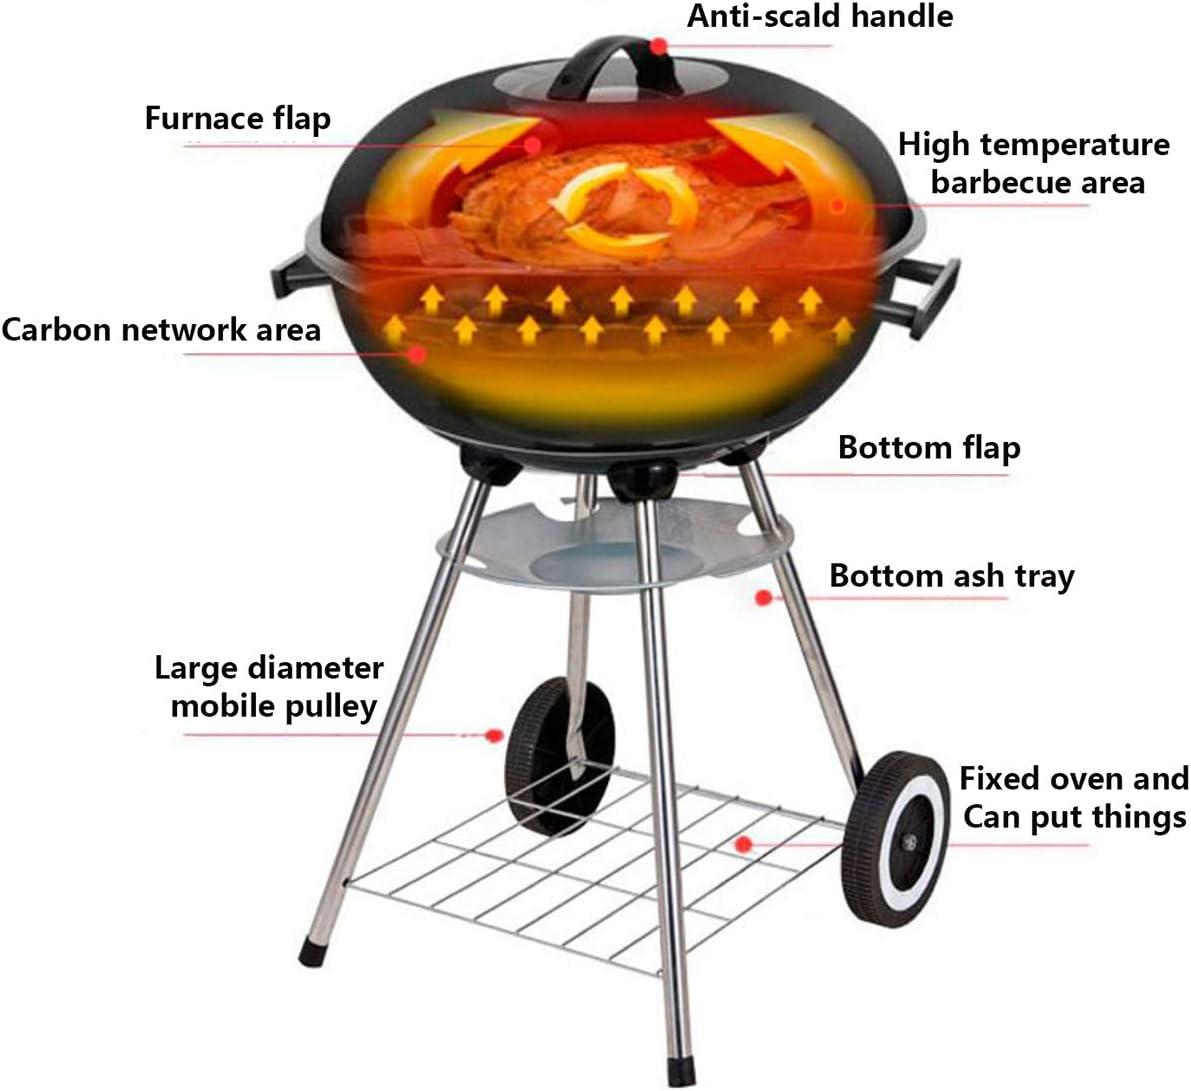 LW Round Bouilloire Barbecue Au Charbon Grill Jardin Barbecue Pique-Nique Camping Famille Party Heat Contrôle W Portable/Tablette Et Roues,Rouge Black